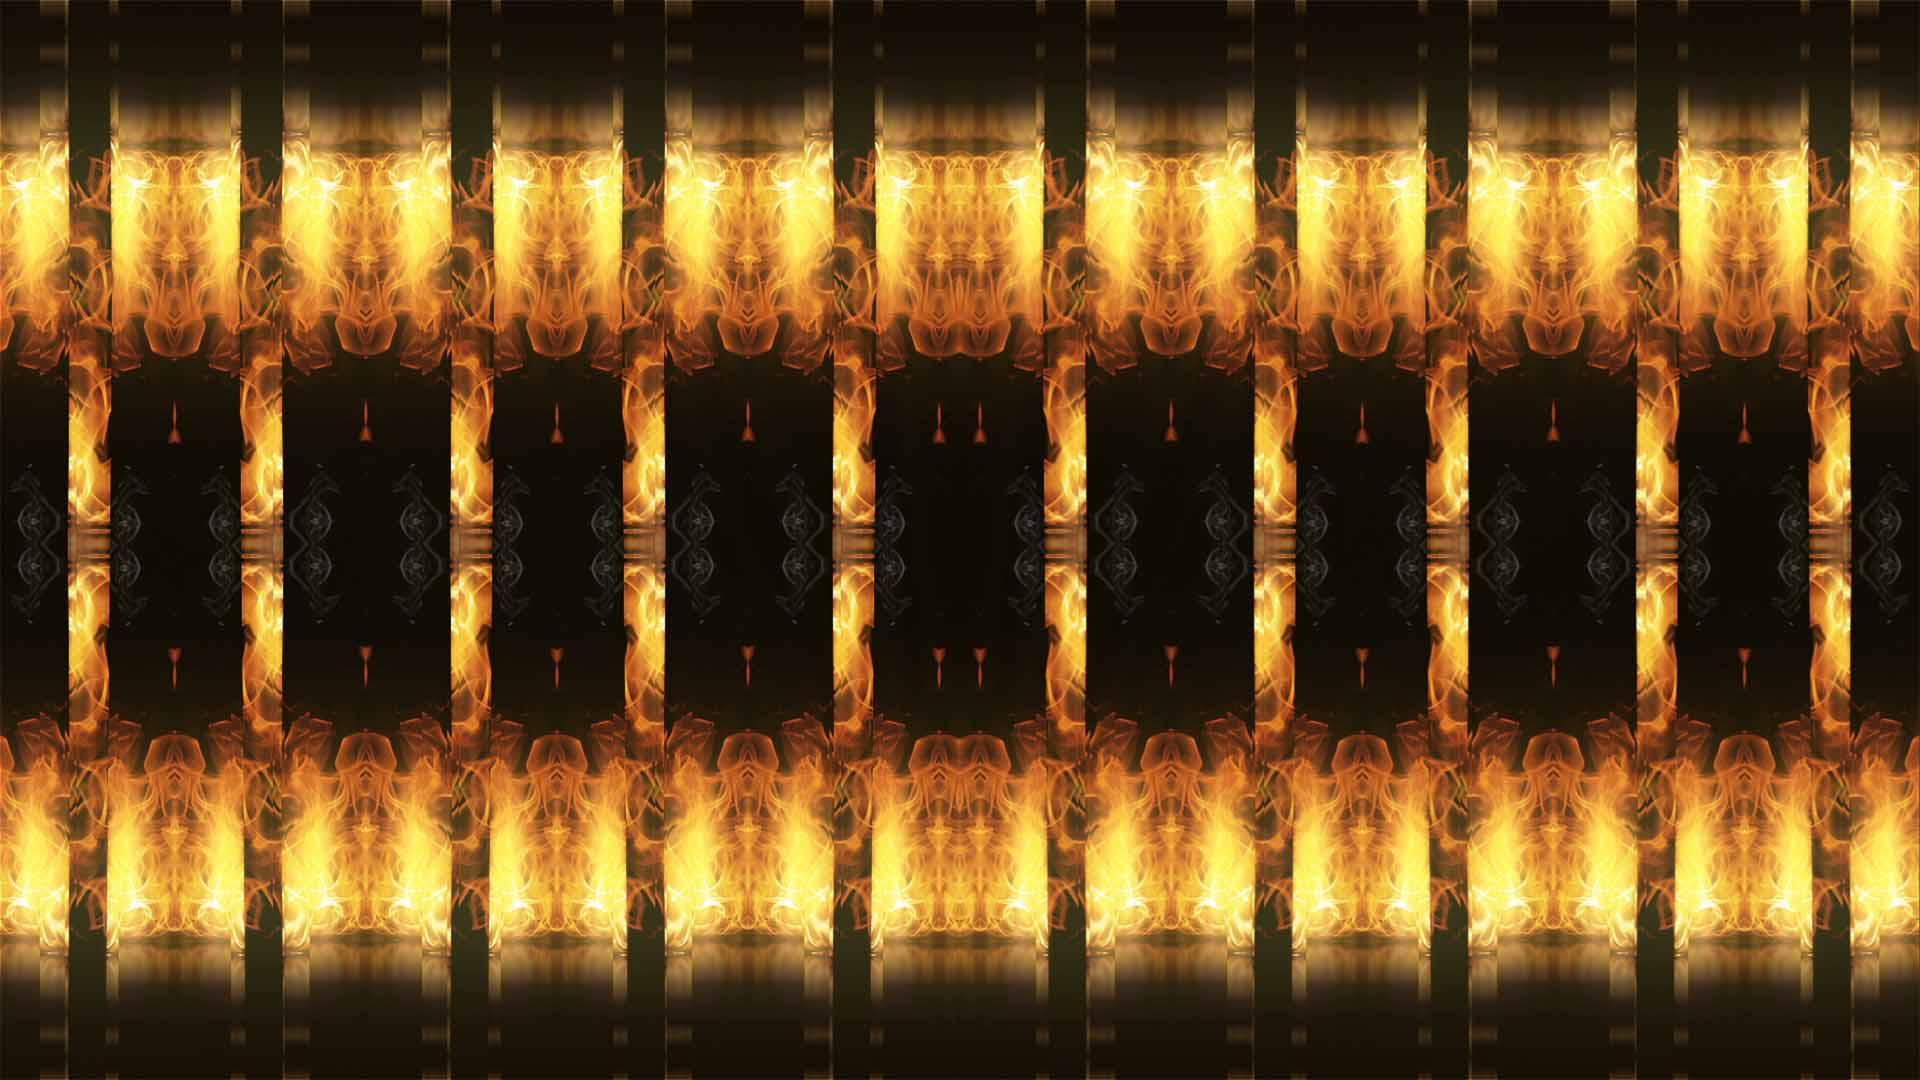 flame vj loop video